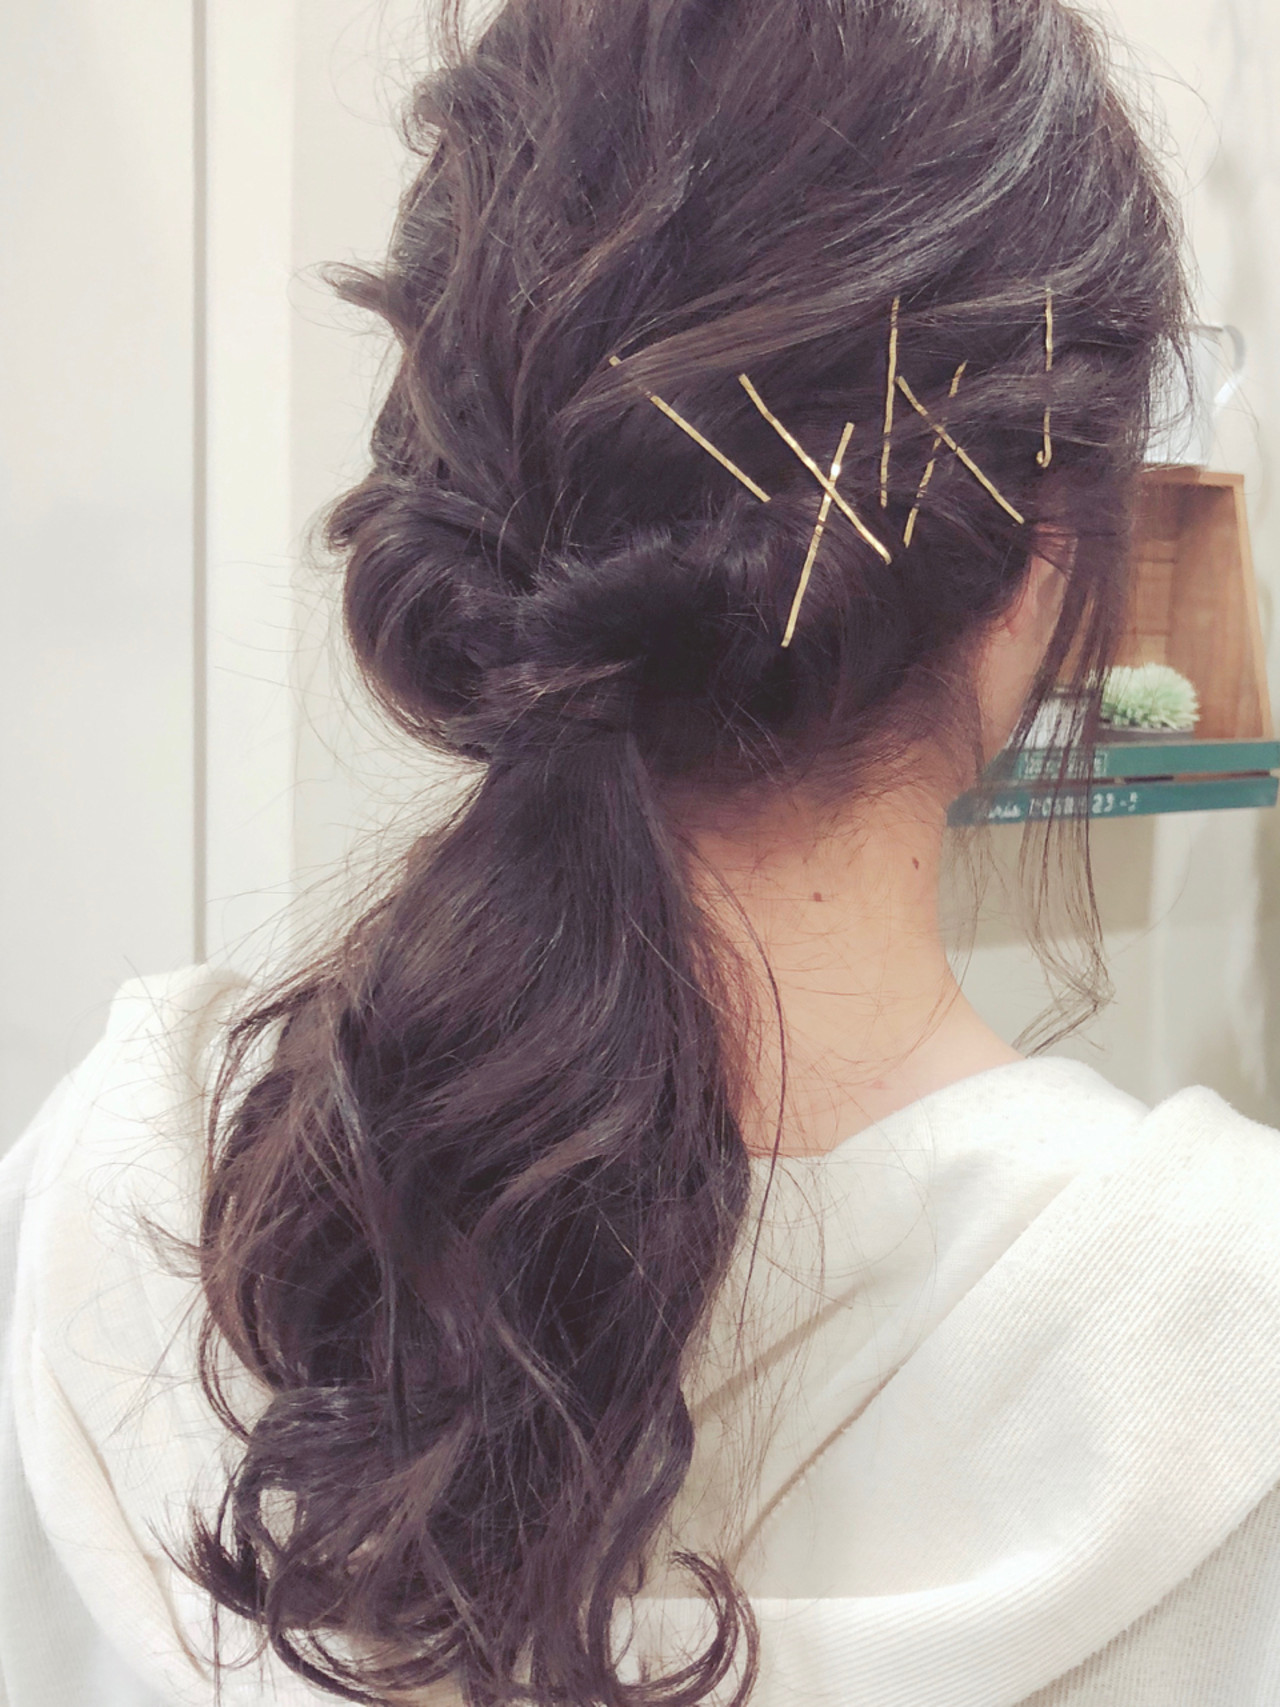 ヘアアレンジ カチューシャ ポニーテール ロング ヘアスタイルや髪型の写真・画像